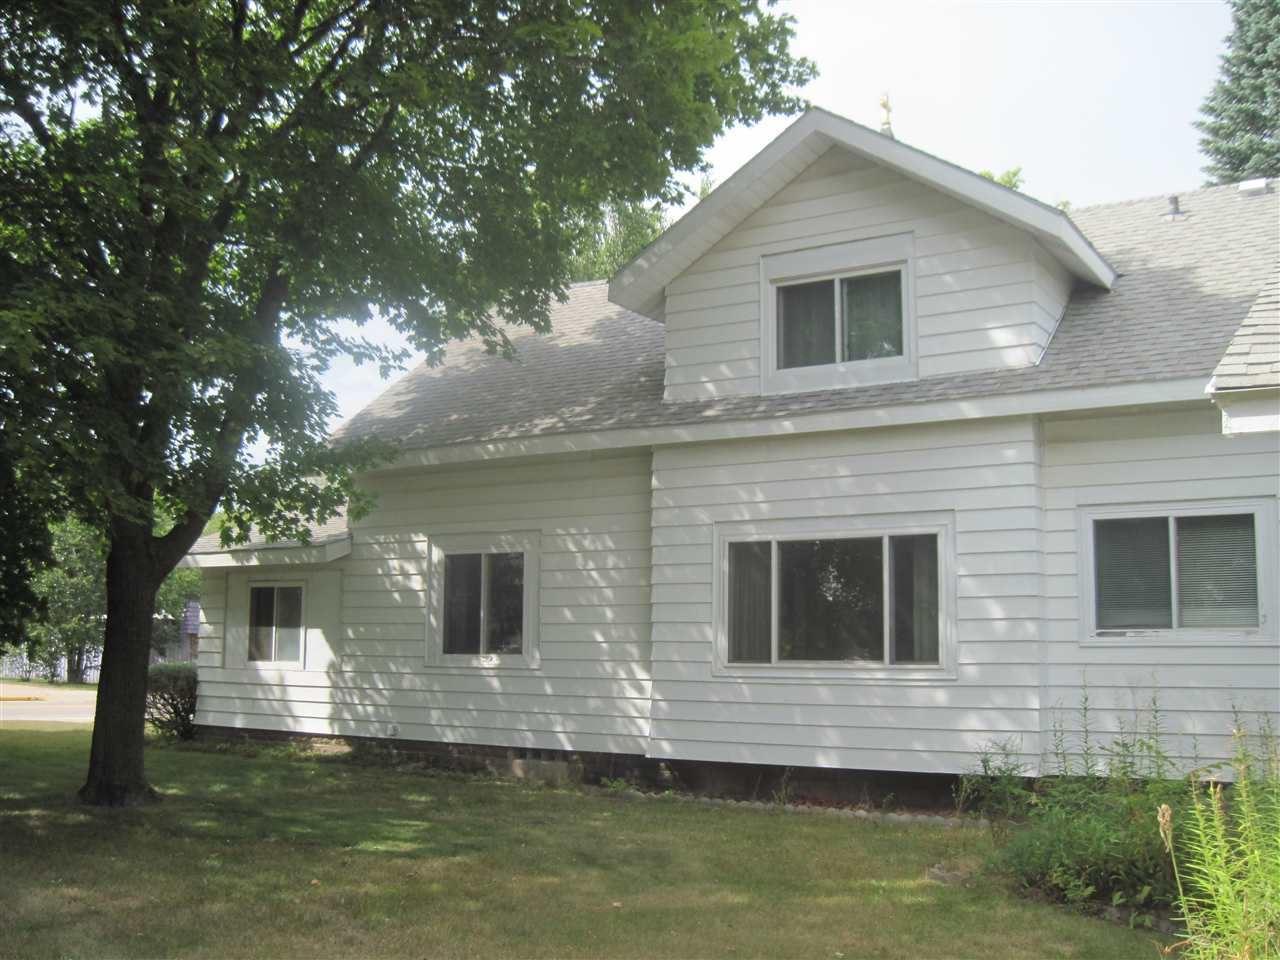 166 N Main St, Adams, WI 53910 - #: 1891666